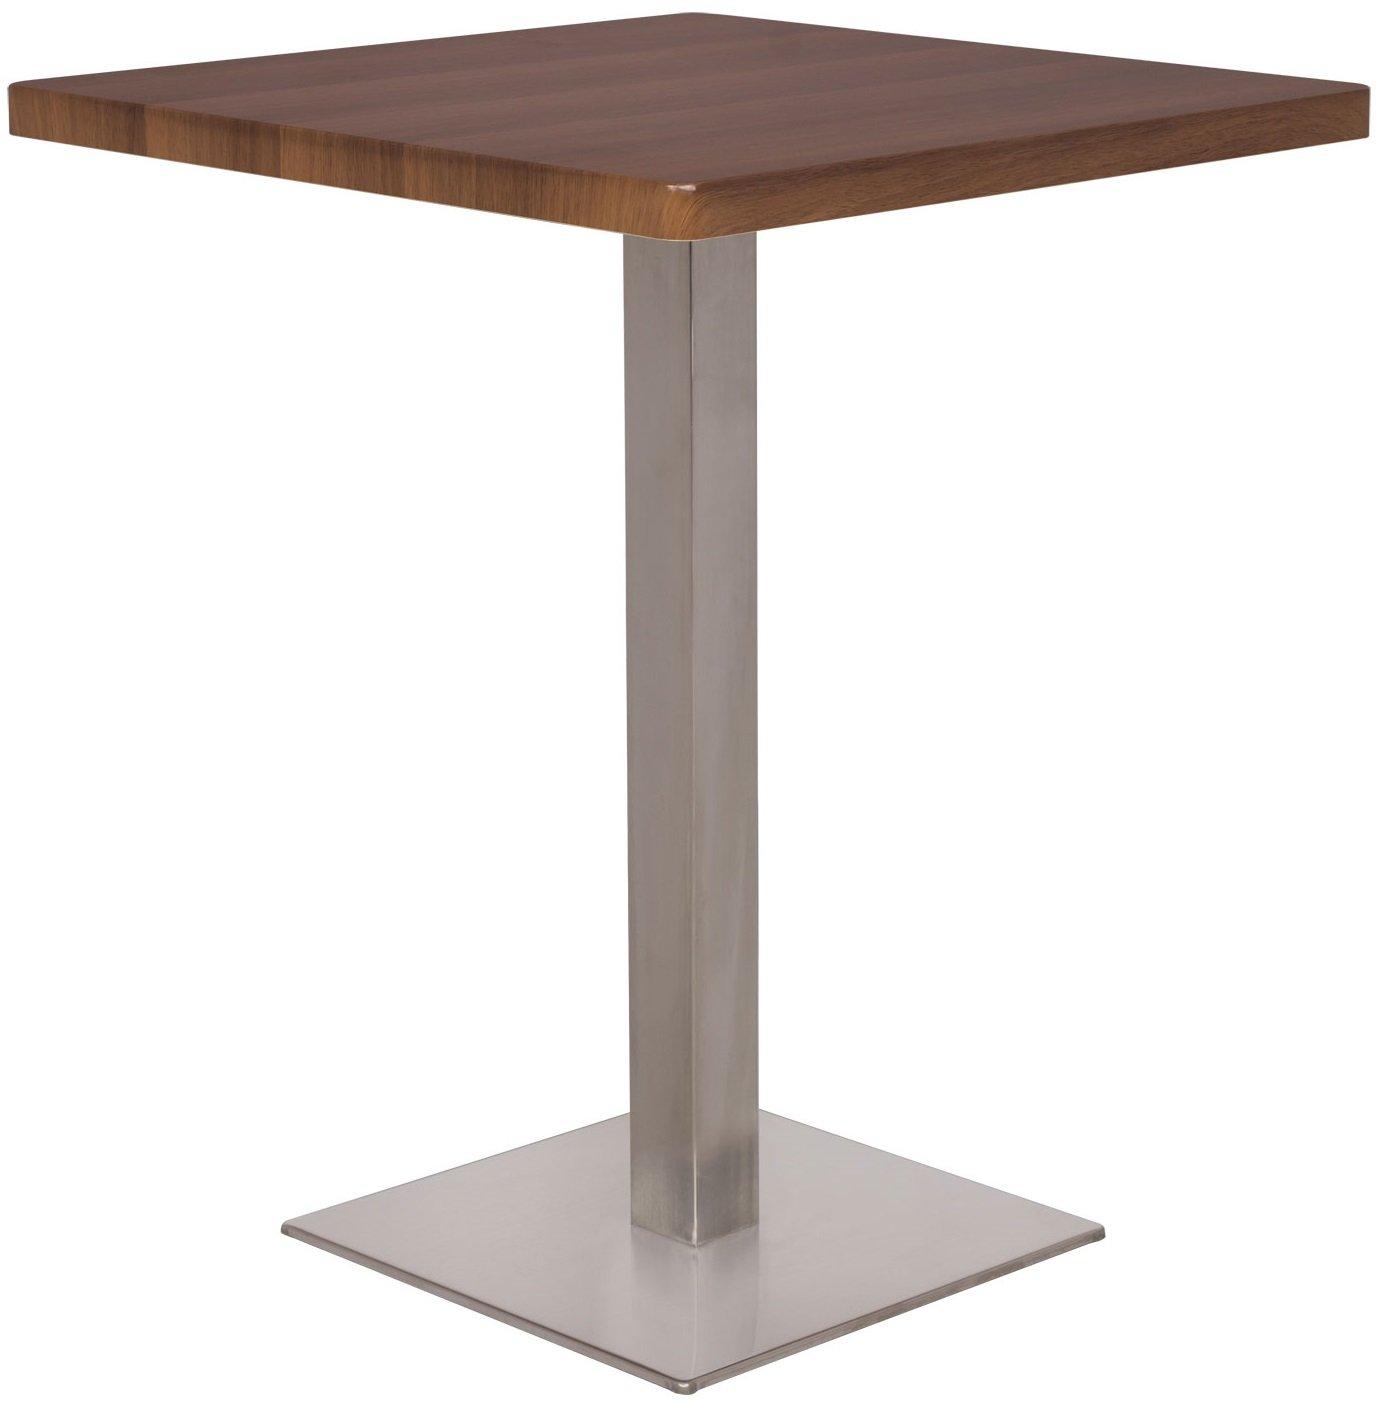 SixBros. Tavolo da Bar Tavolo Alto Noce Effetto legno 60x60x75 - M-BT60/1431